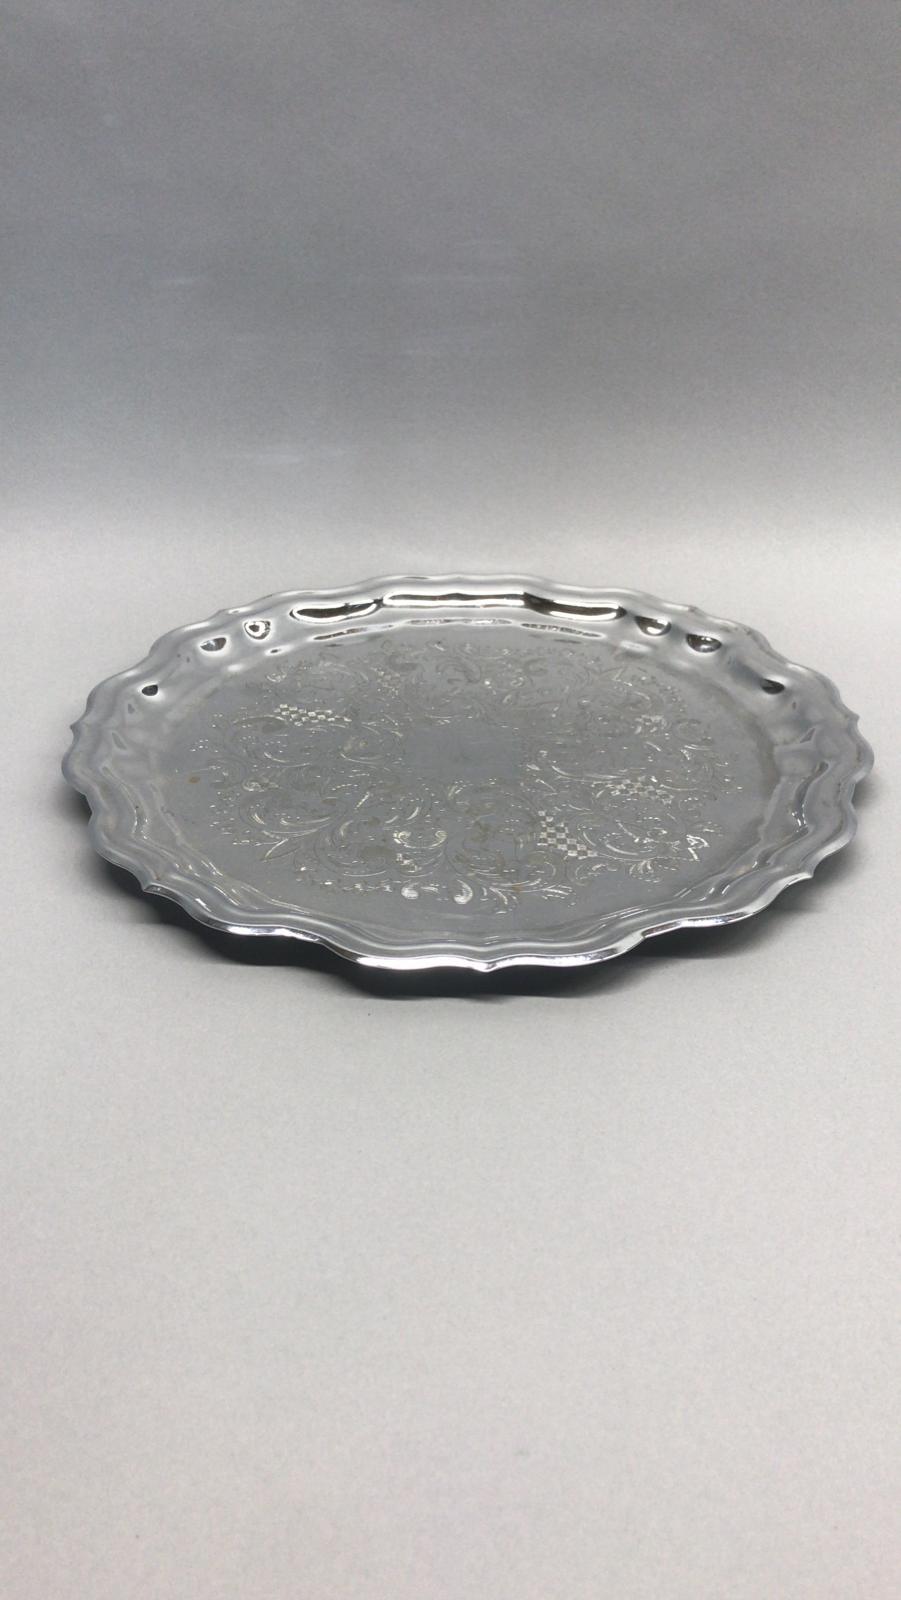 Apaļa sudraba paplāte Круглый серебряный поднос Round silver tray